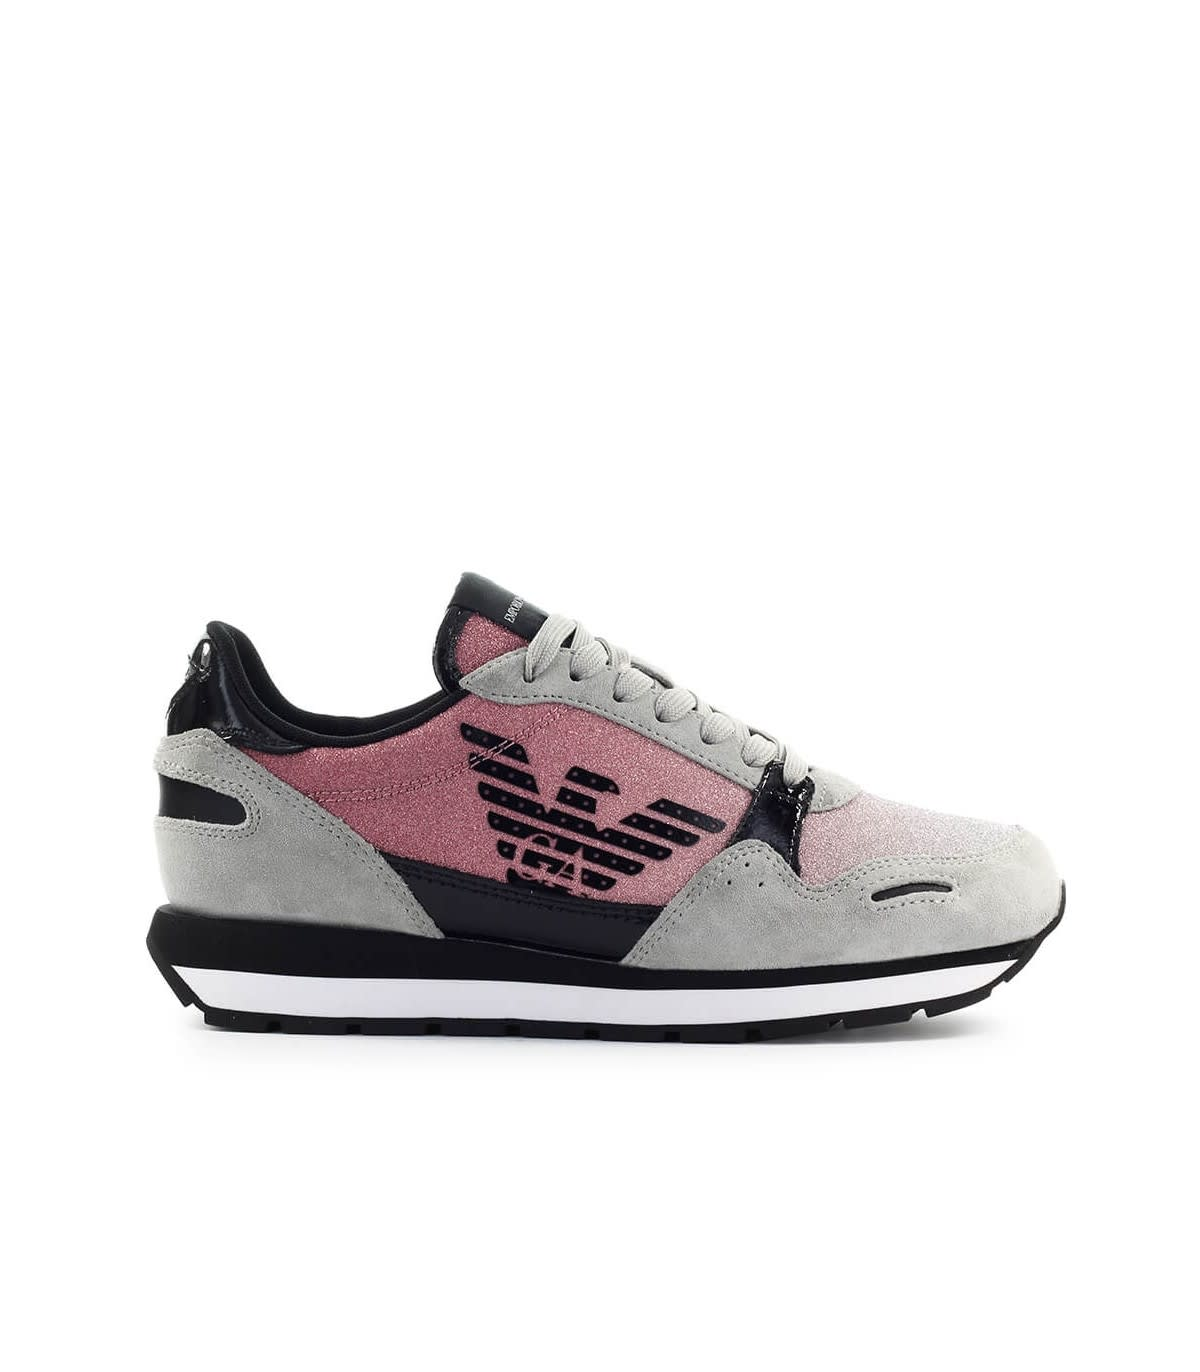 Emporio Armani Pink Glitter Sneaker